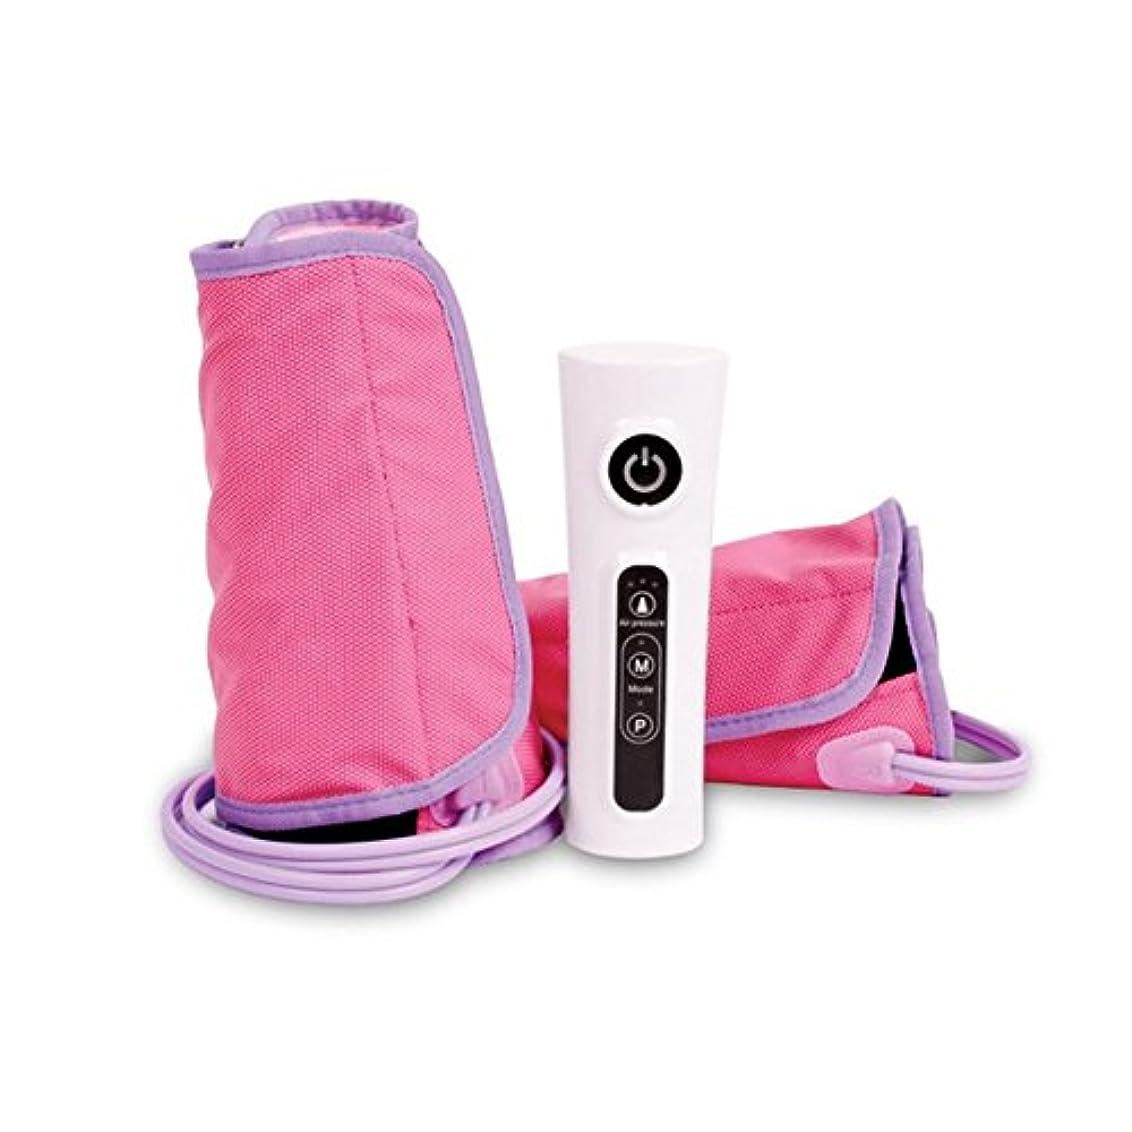 擬人化インスタント更新Zespa ZP418 Rechargeable Line slimming Air Compression calf Leg Arm Foot Massager 360 rotary air pressure massage...